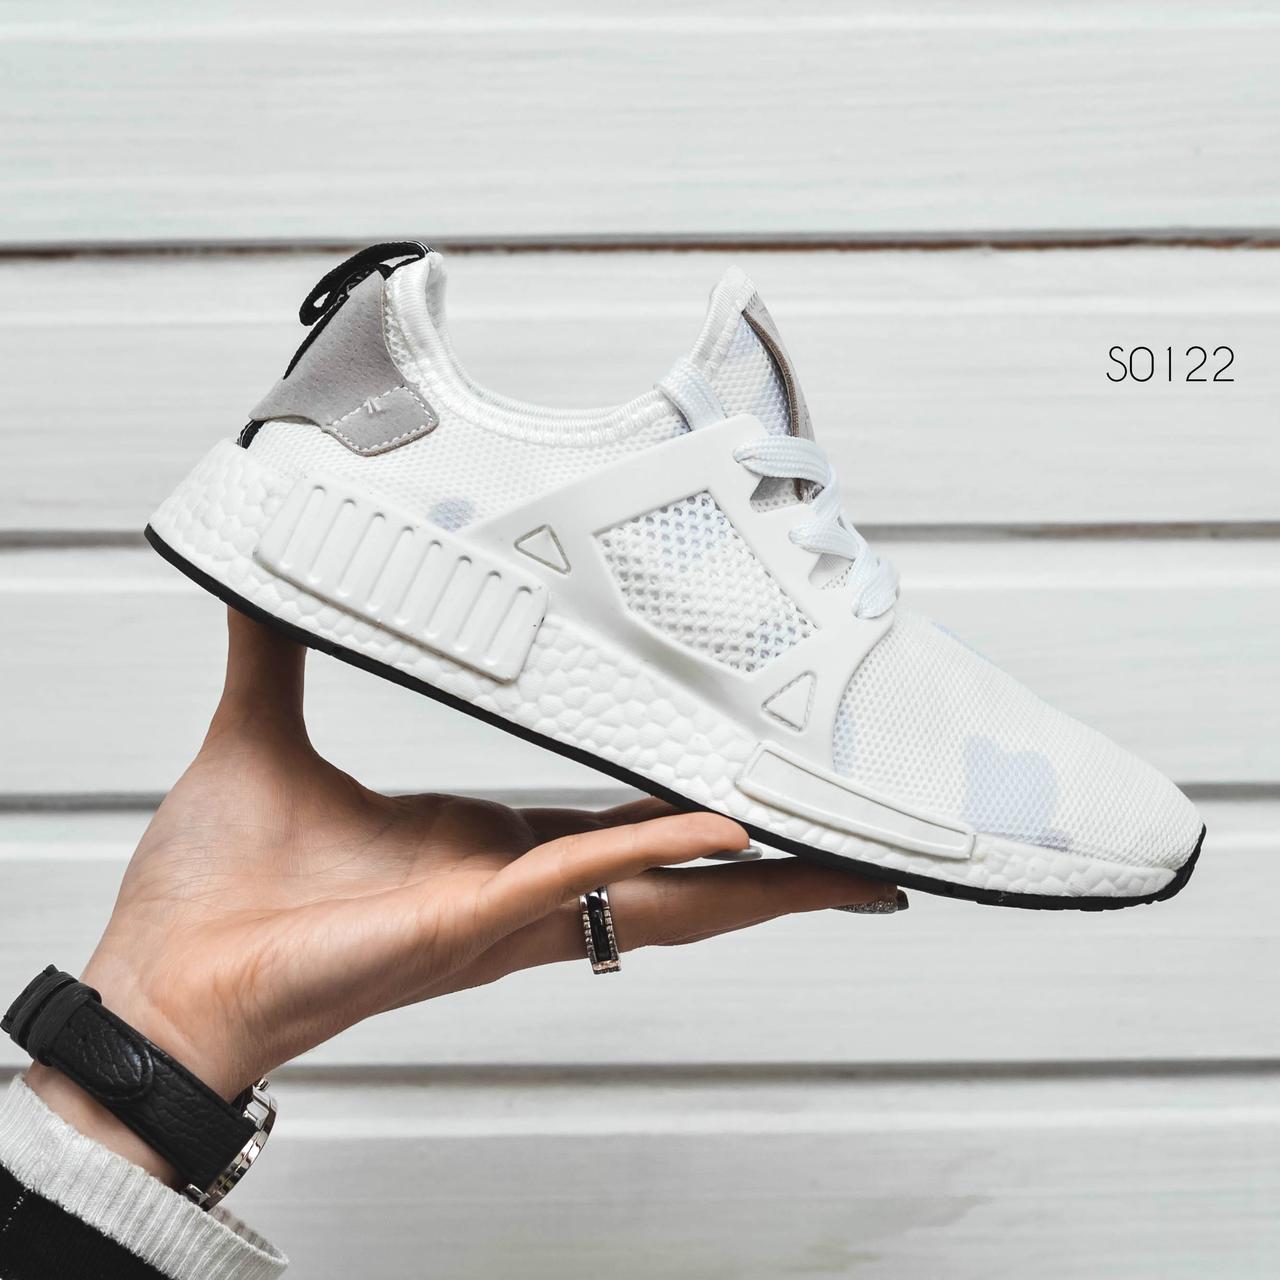 04913a07f Распродажа женские кроссовки Adidas NMD белые: 540 грн. - Спортивная ...